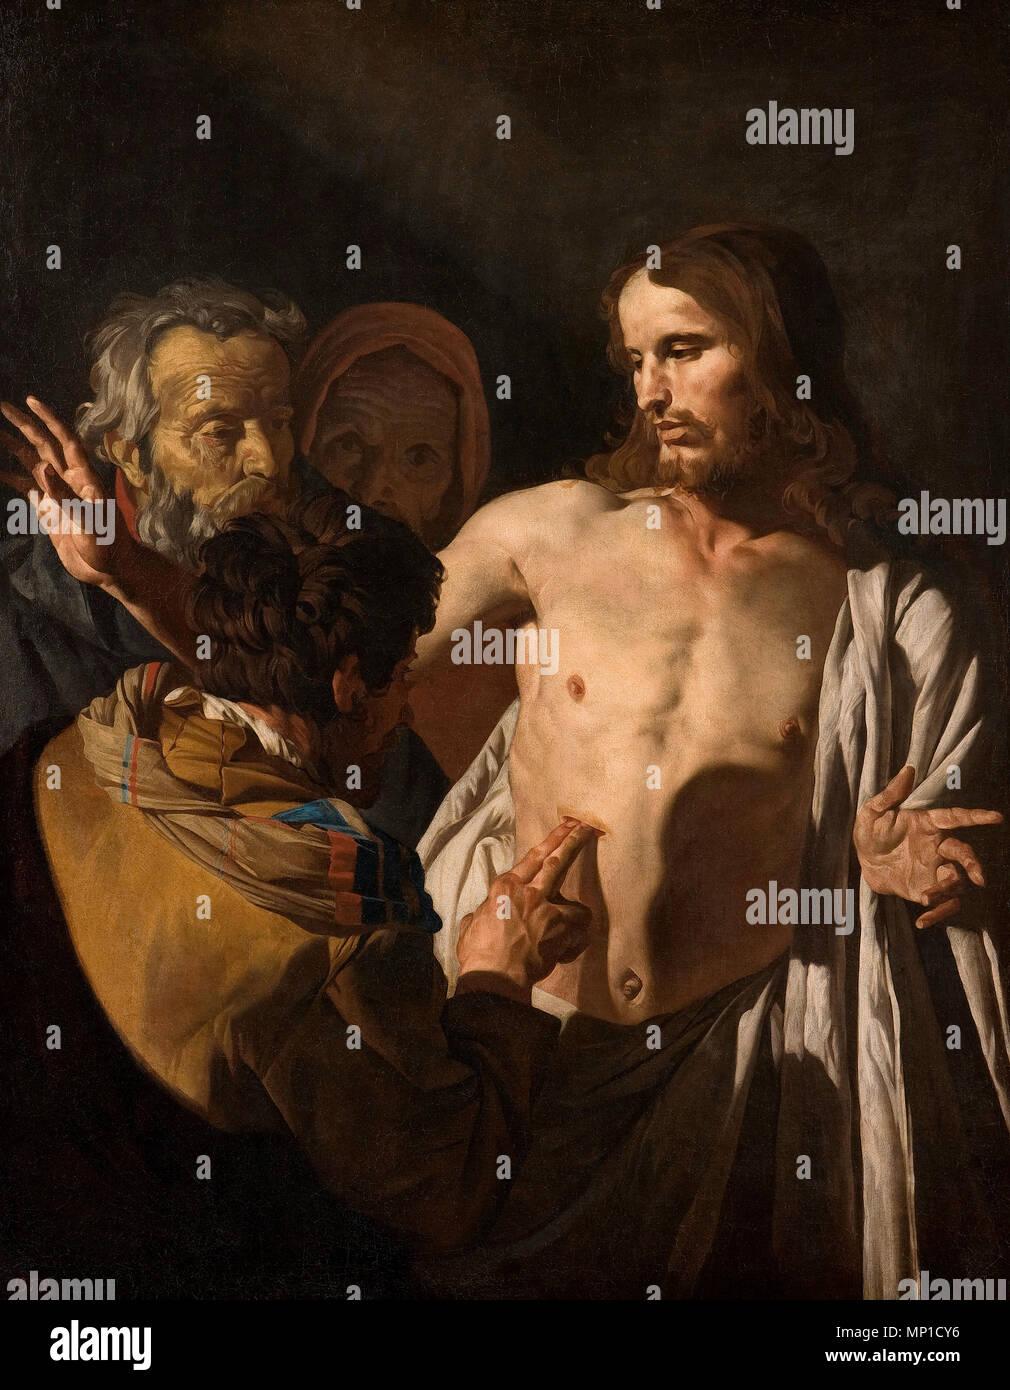 La incredulidad de santo Tomás - Matthias Stom o Mathías Stomer Imagen De Stock